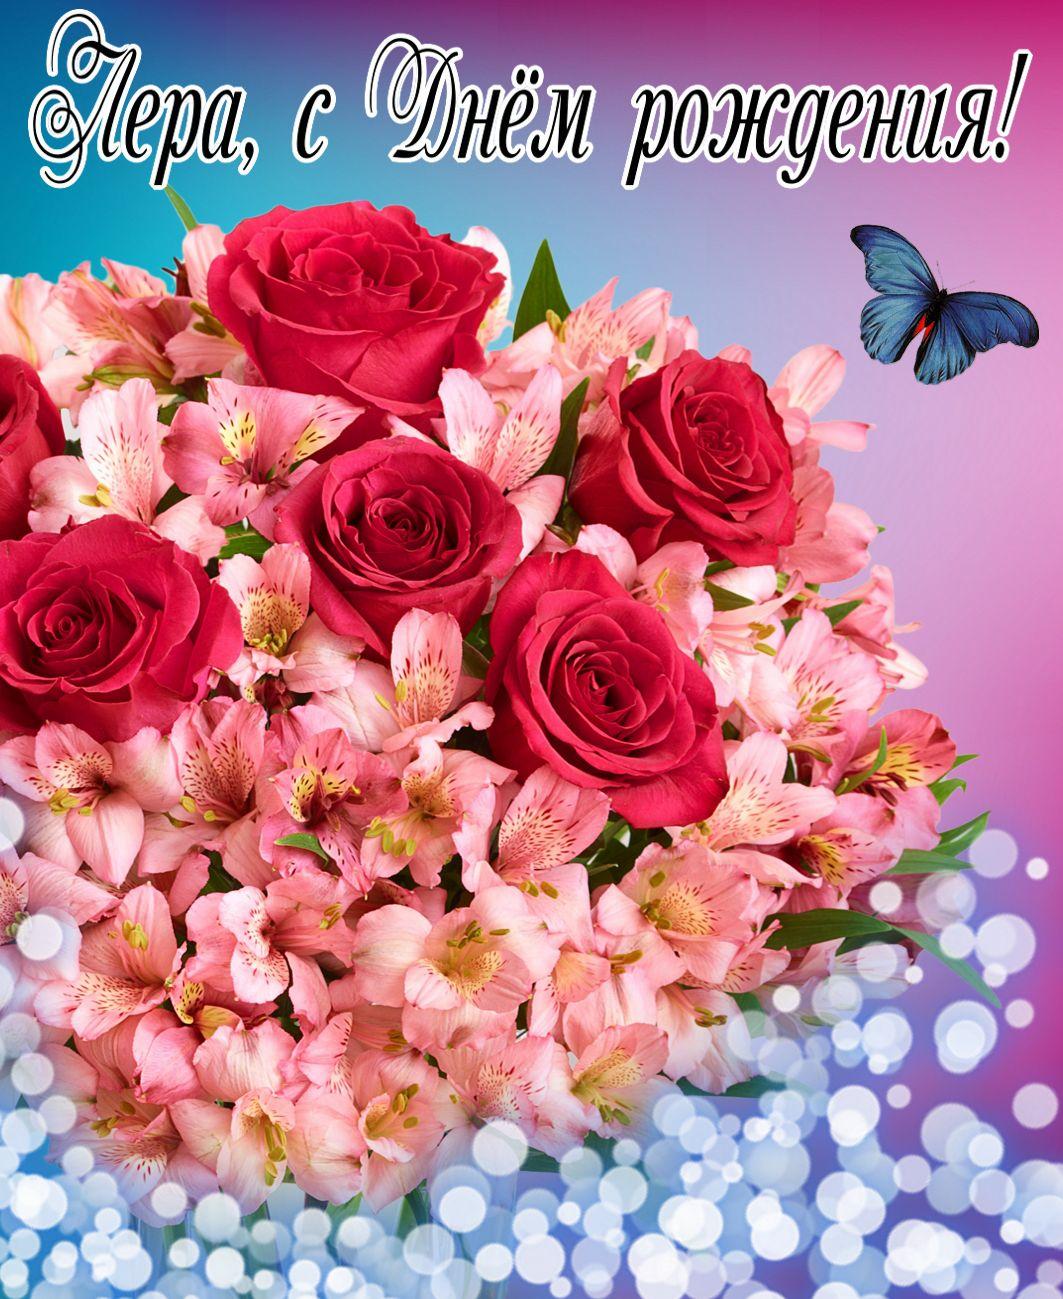 Поздравление с днём рождения с именем лера